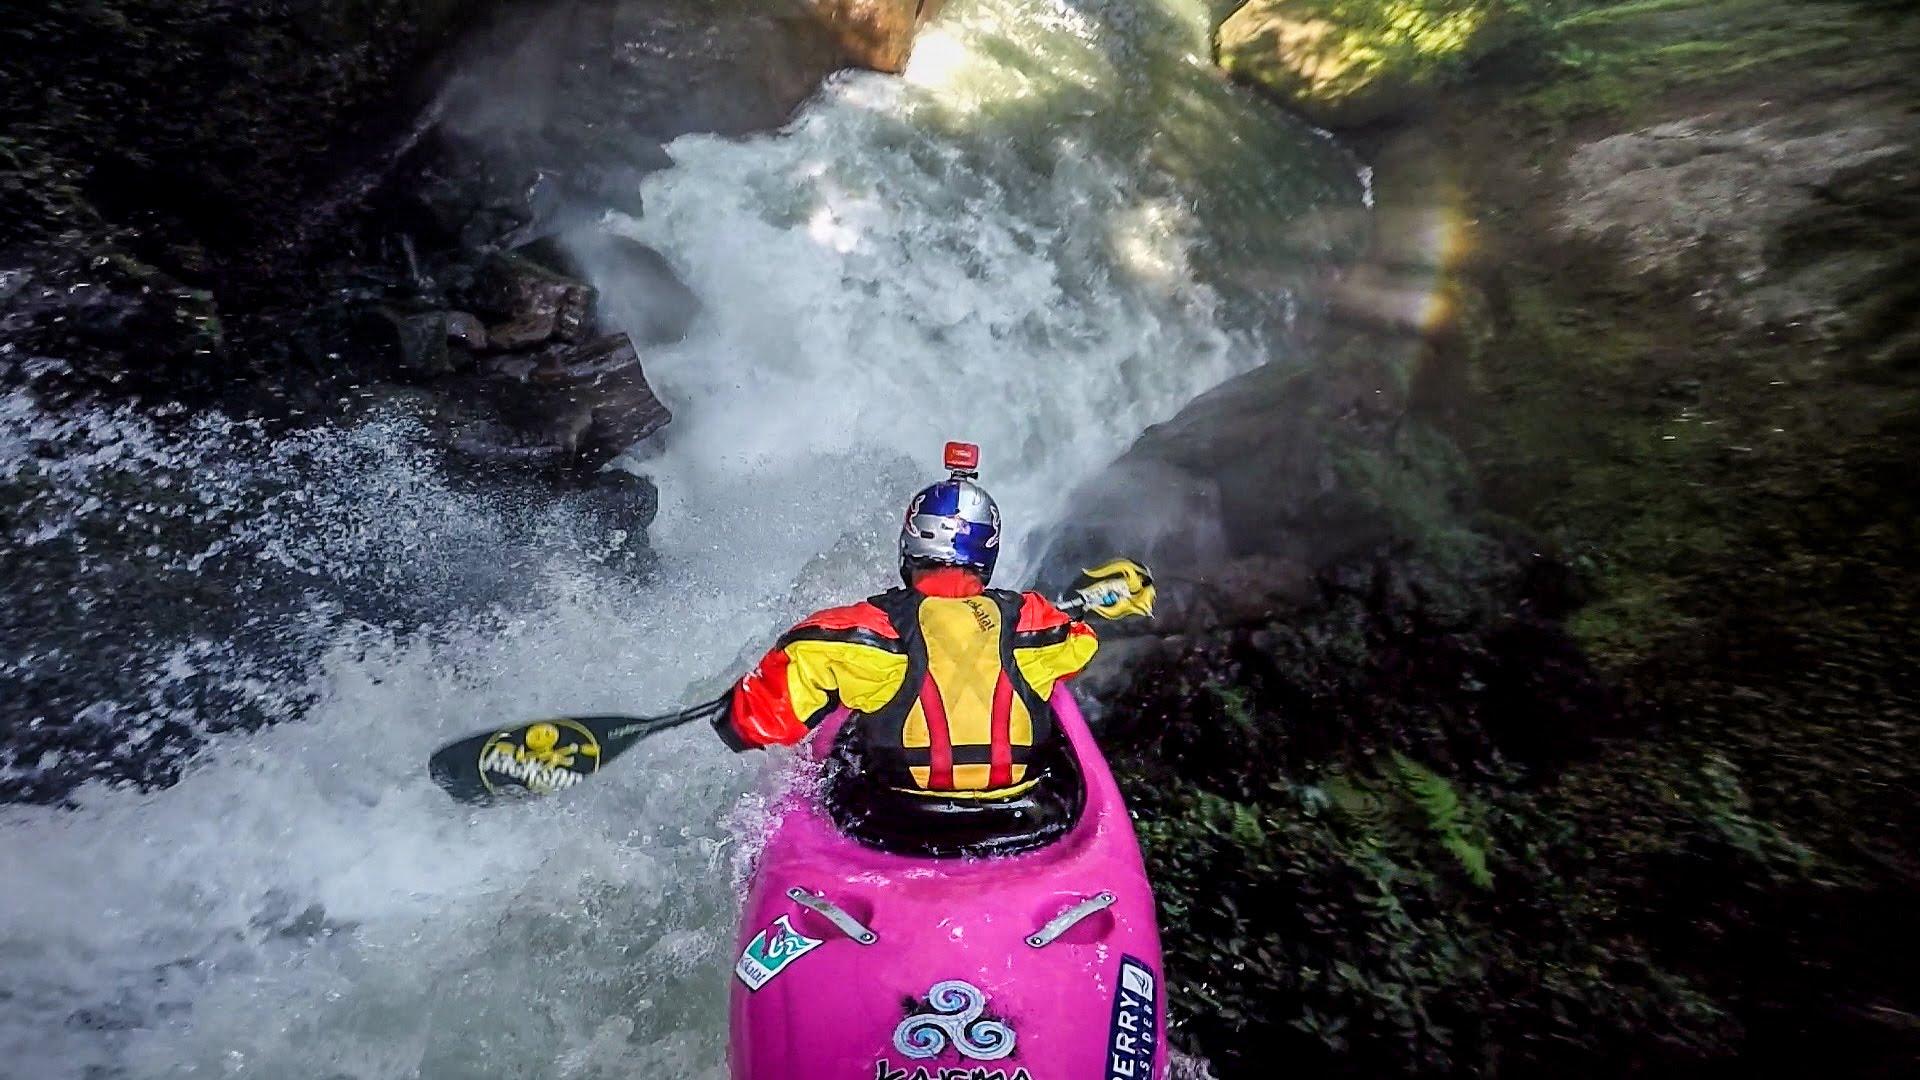 Salto de cascada en kayak 1